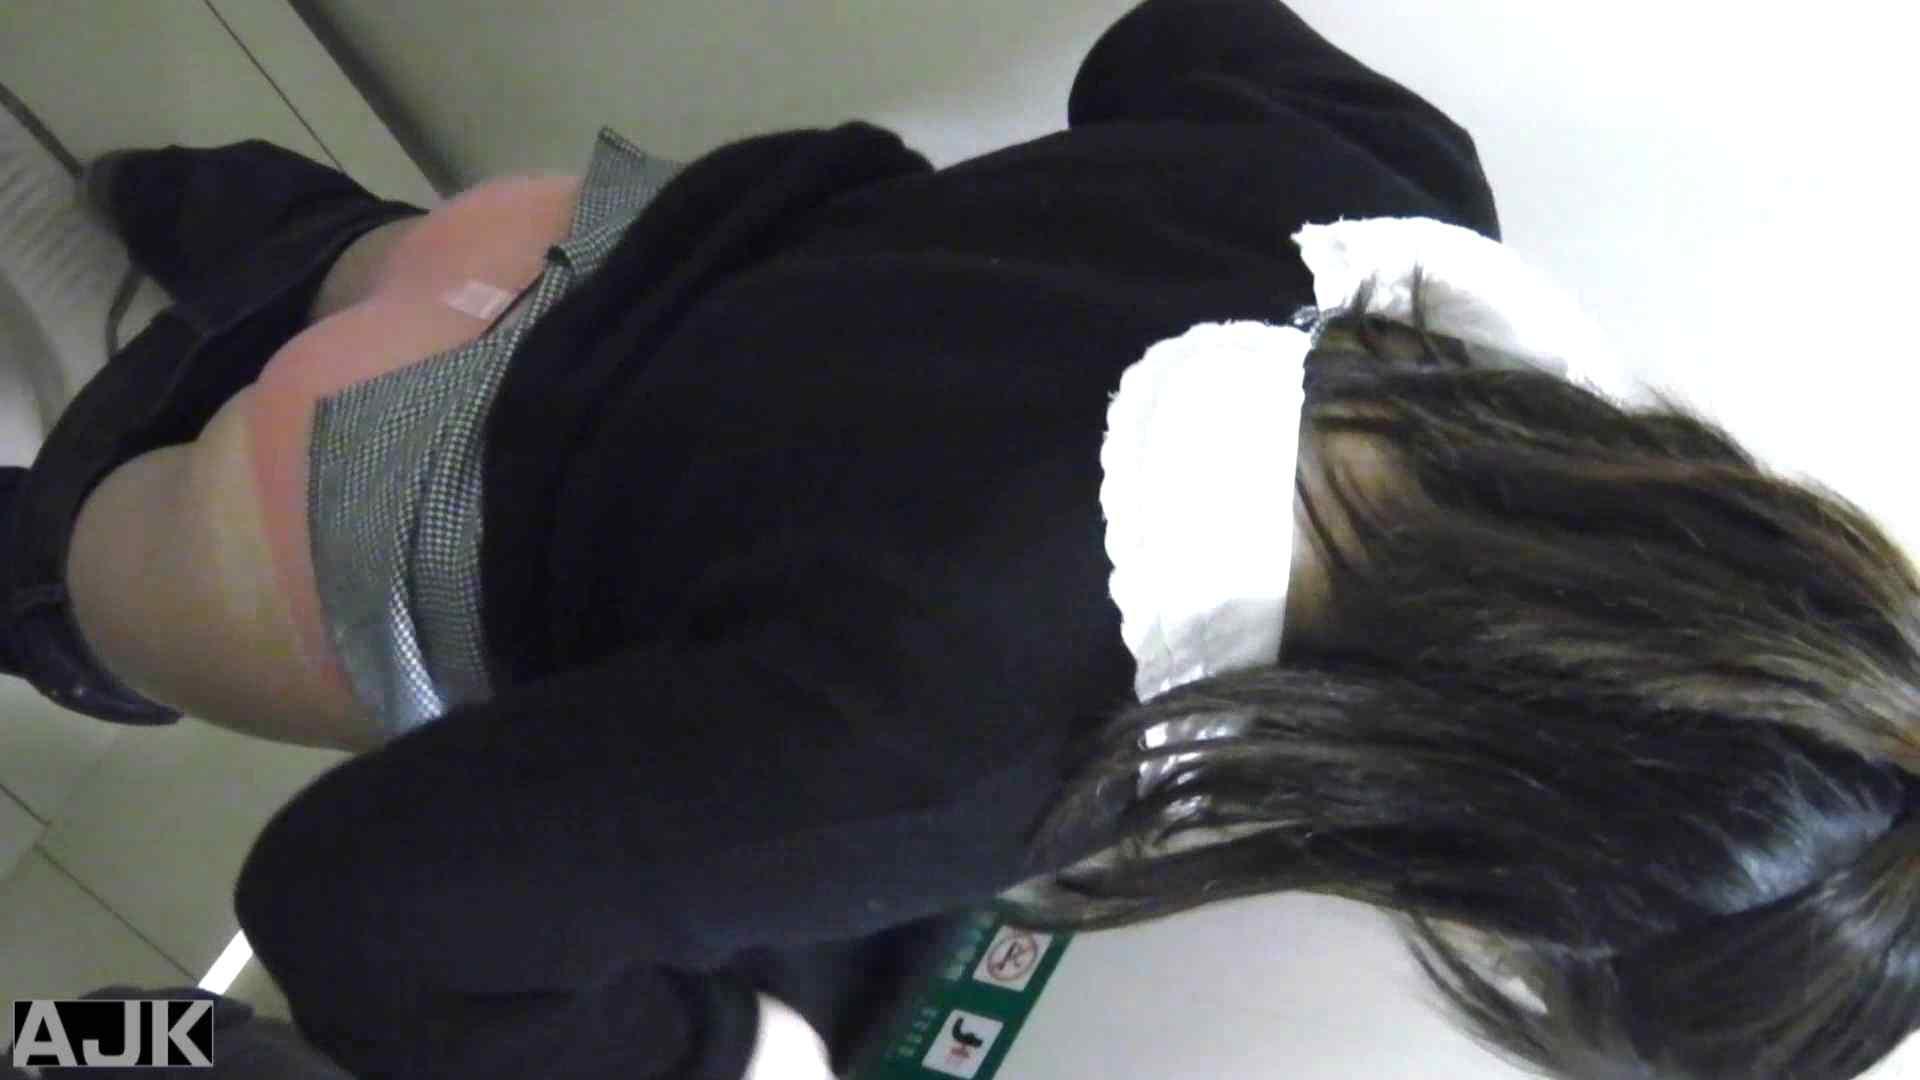 神降臨!史上最強の潜入かわや! vol.01 OLセックス 覗きオメコ動画キャプチャ 89画像 44